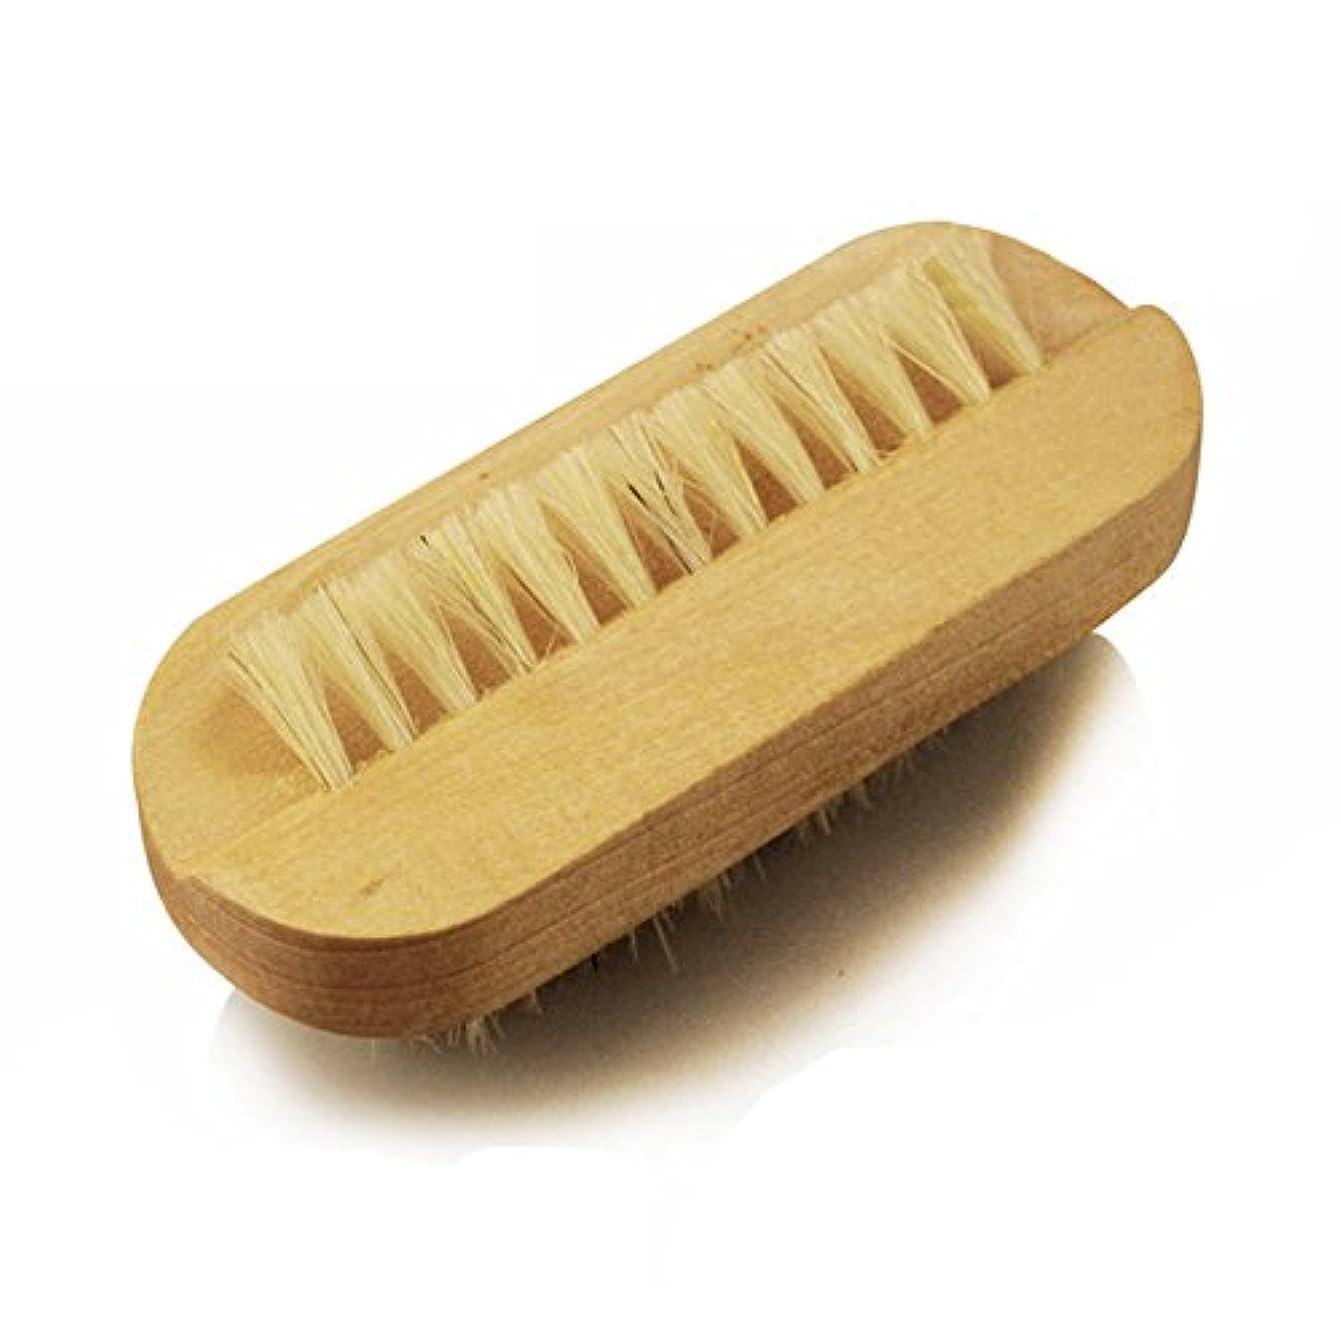 内向き魔術伝染性ボディブラシ 木製ブラシ Hrph ネイルブラシ フットブラシ 足の裏ブラシ ネイルハンドブラシ 手洗いブラシ 爪ブラシ 木柄ブラシ 豚毛ブラシ マッサージャー セルライト除去 角質除去